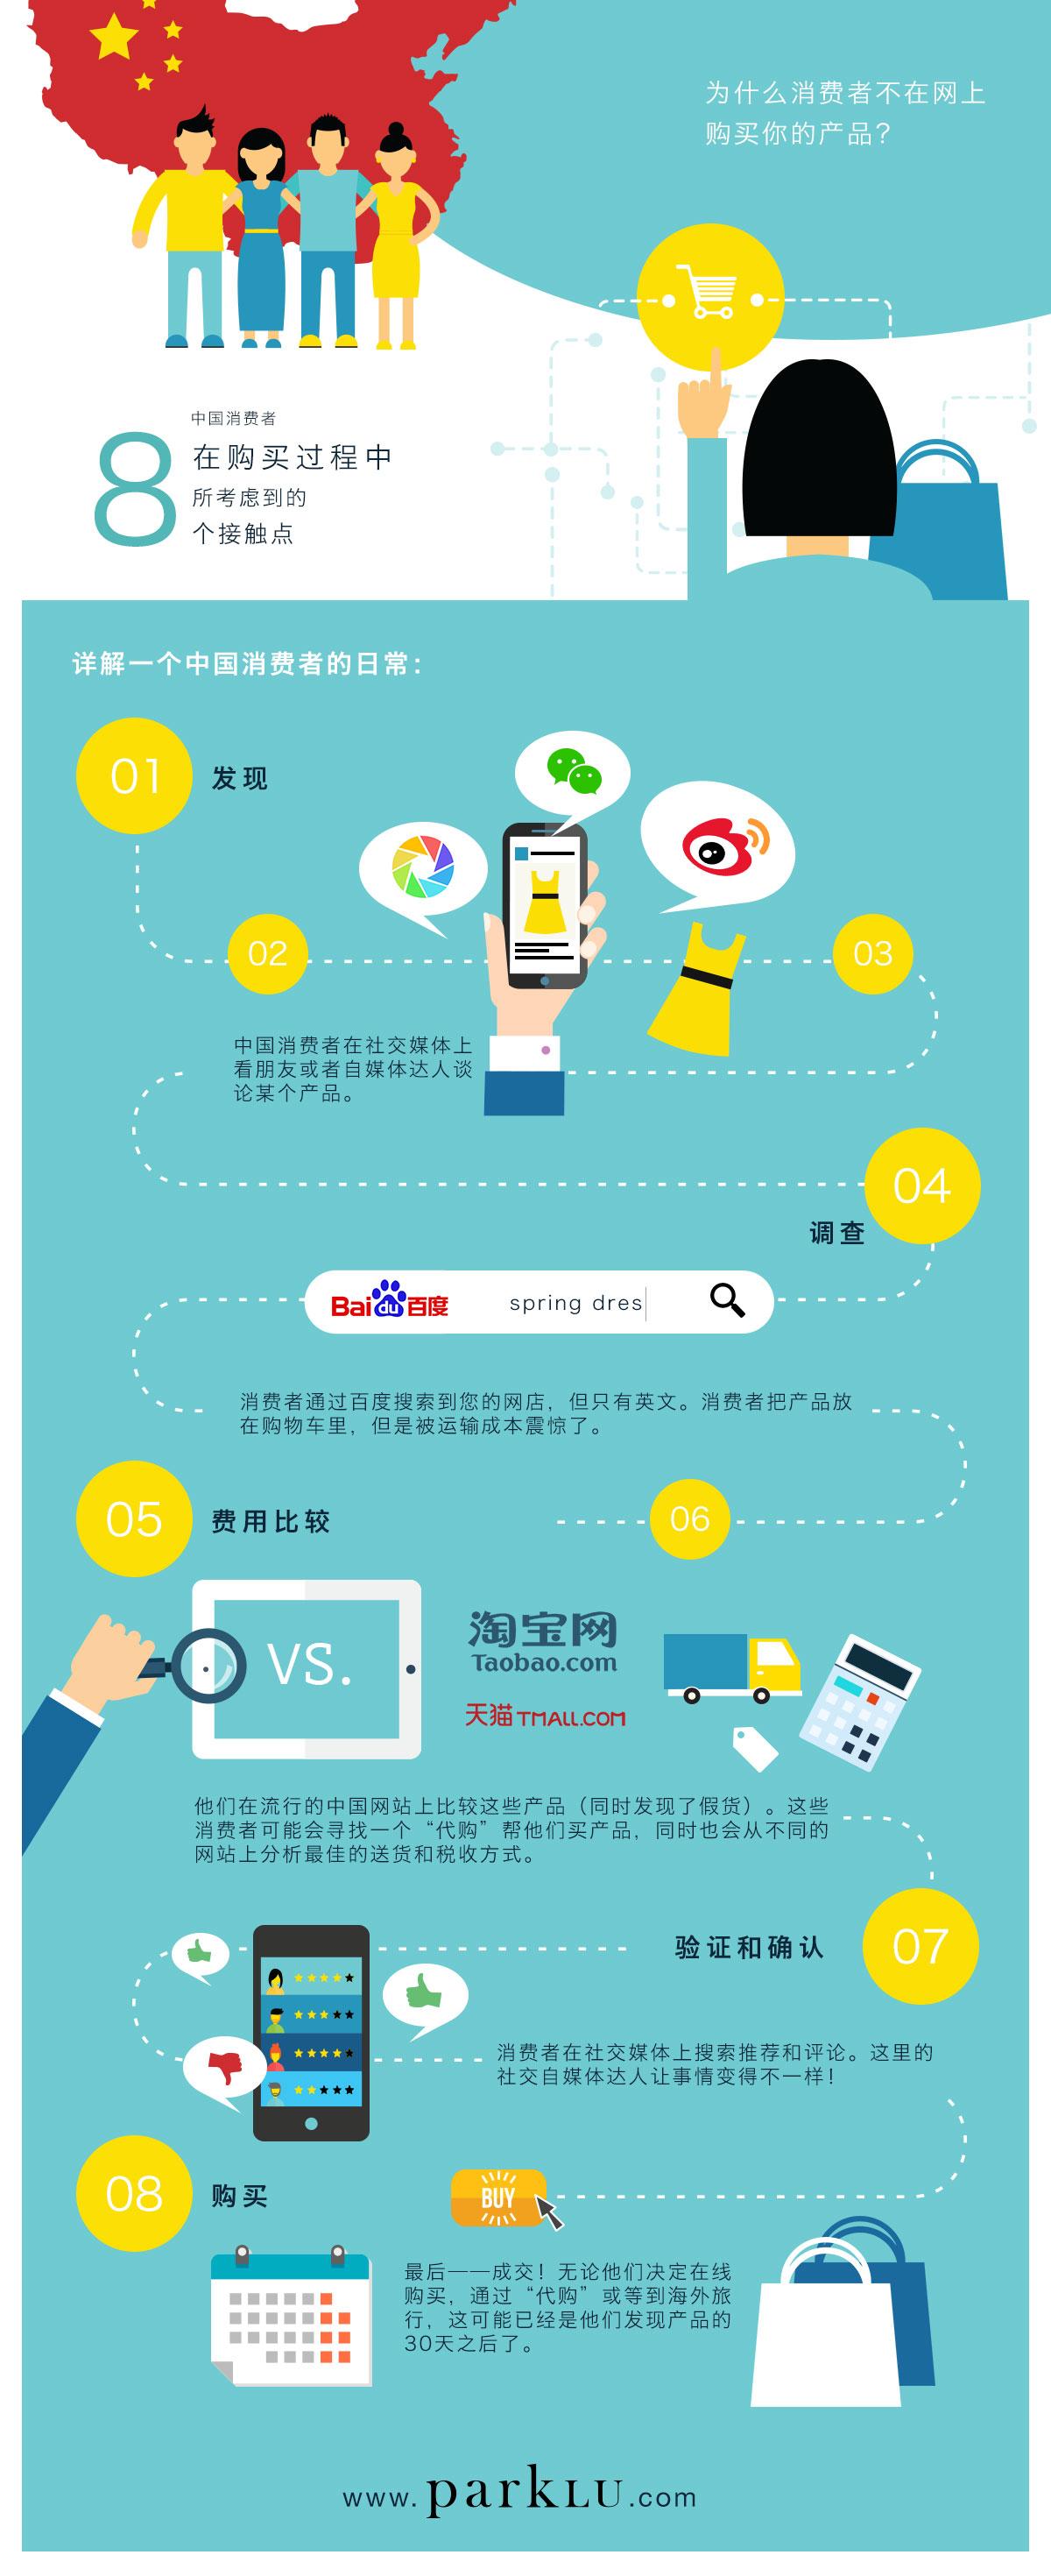 中国消费者的购物